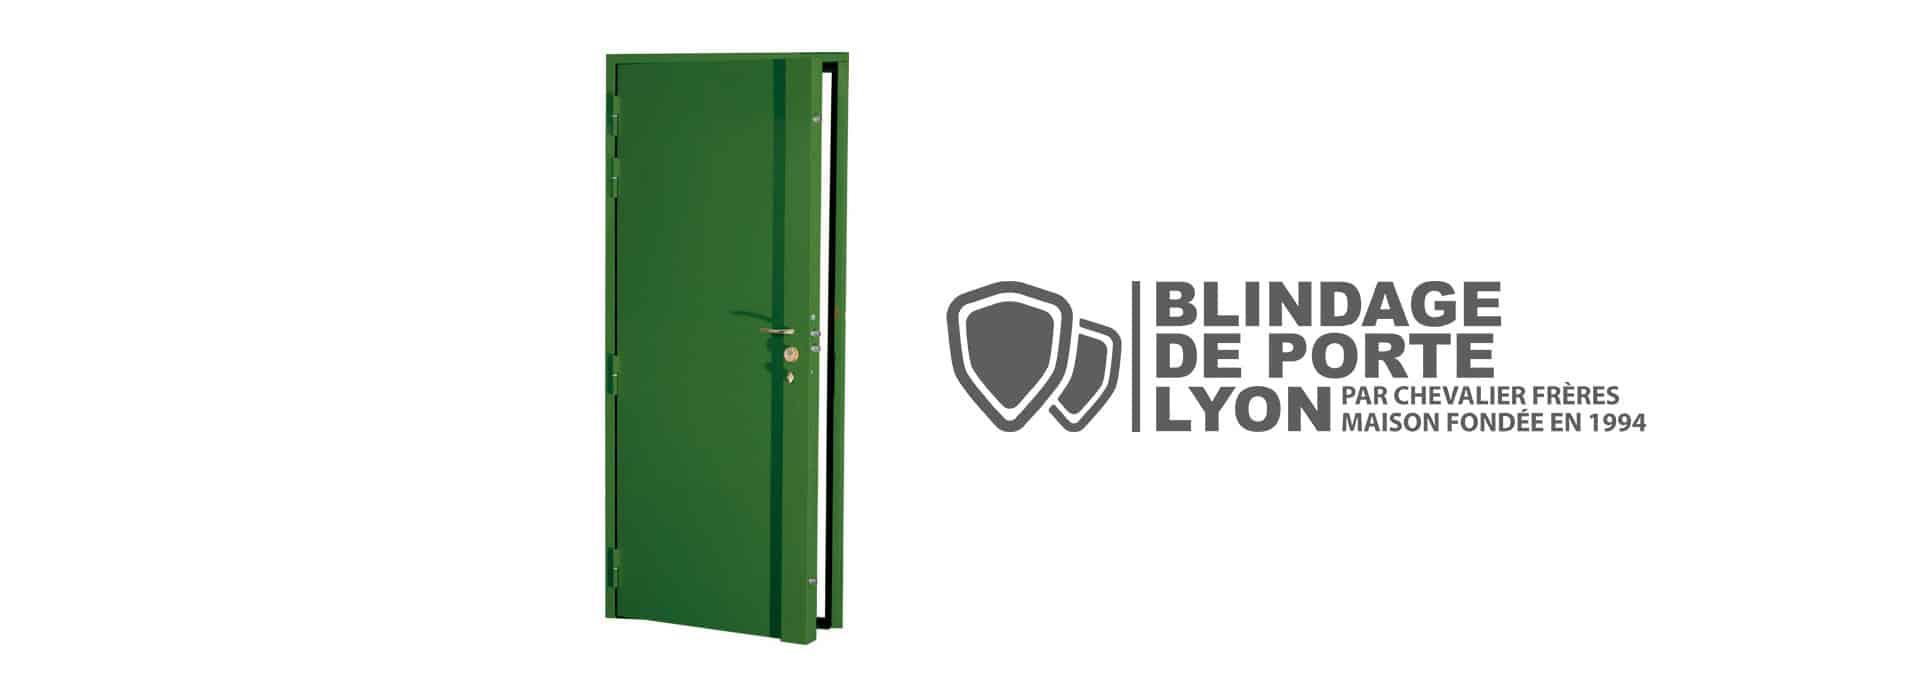 blindage porte lyon slide 1